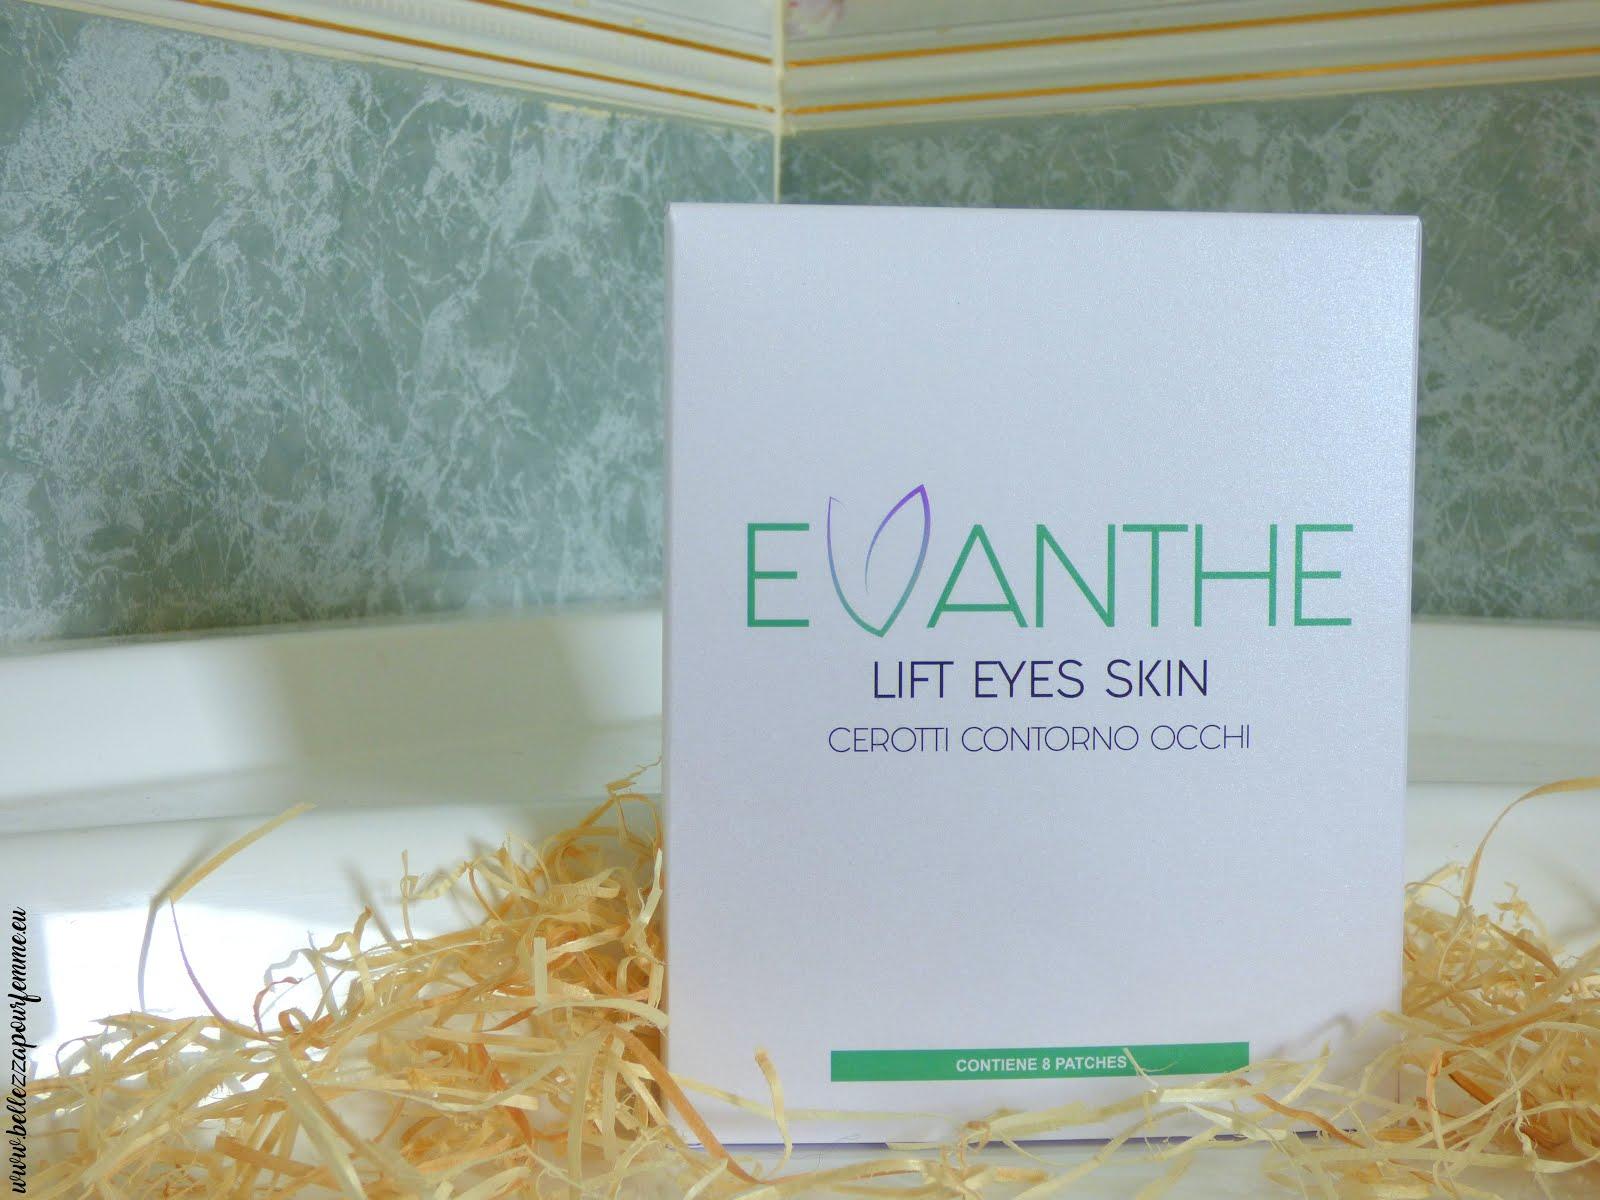 recensione Evanthe cerotti contorno occhi lift eyes skin